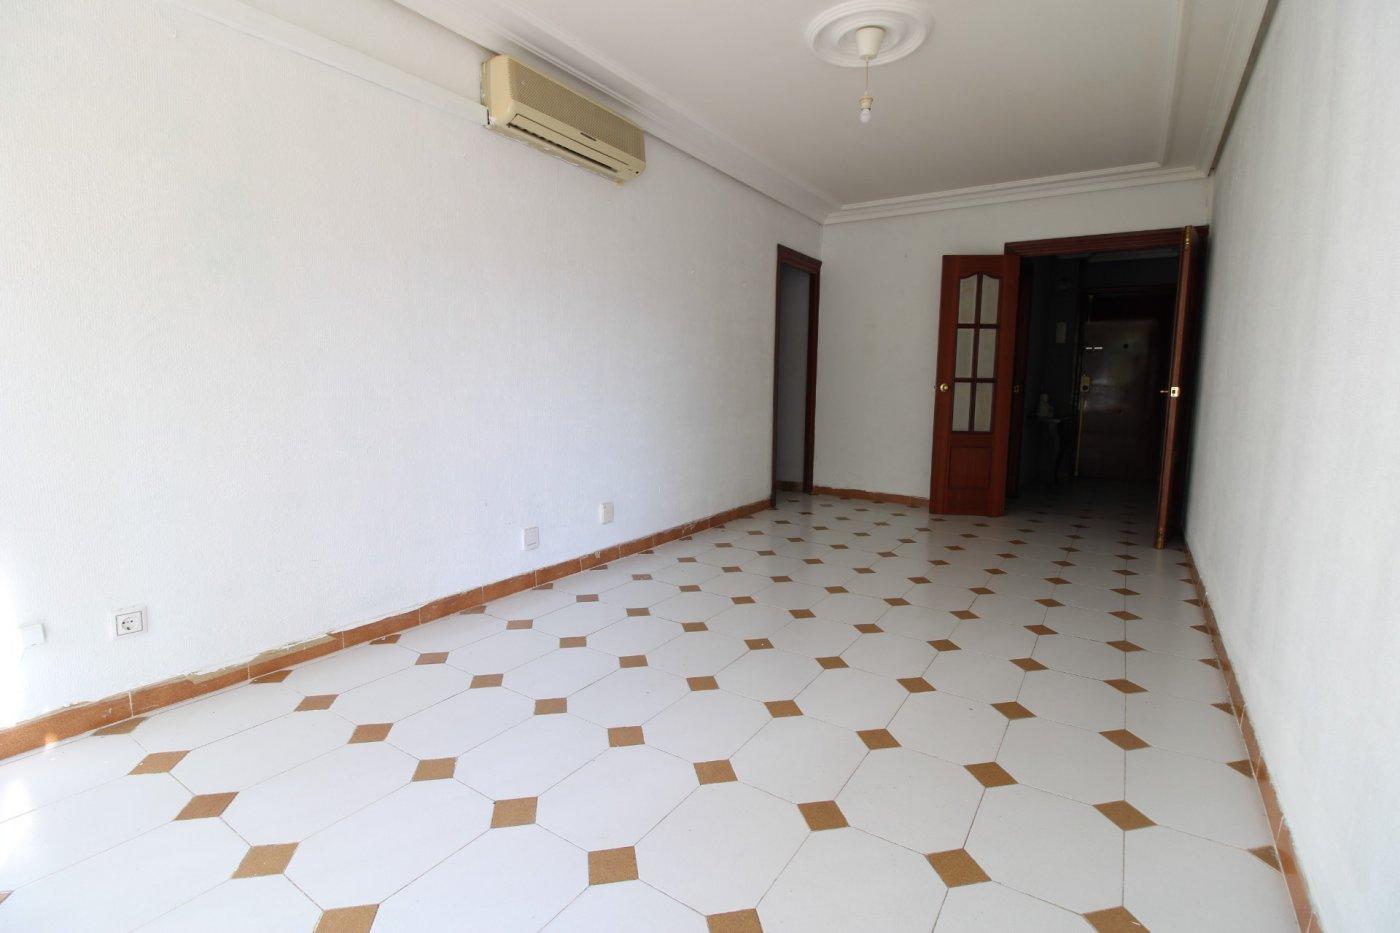 Piso a la venta en sevilla zona carretera carmona - imagenInmueble3